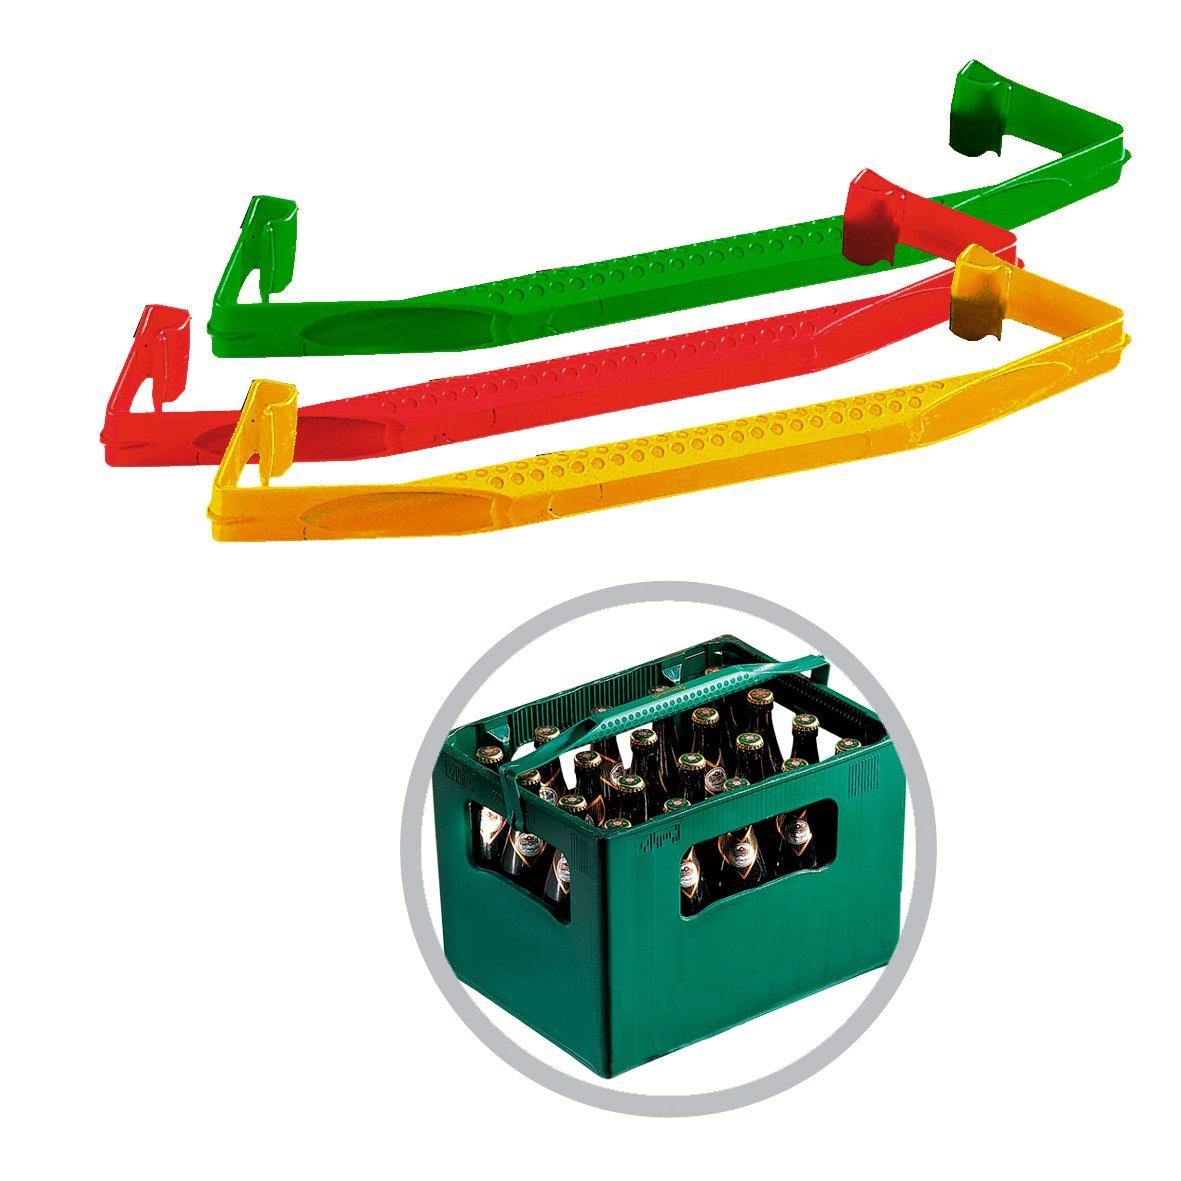 noTrash2003 Bierkasten Getr/änkekasten Tragehilfe Transporthelfer im Doppelset Qualit/ät Made in Germany farblich Sortiert